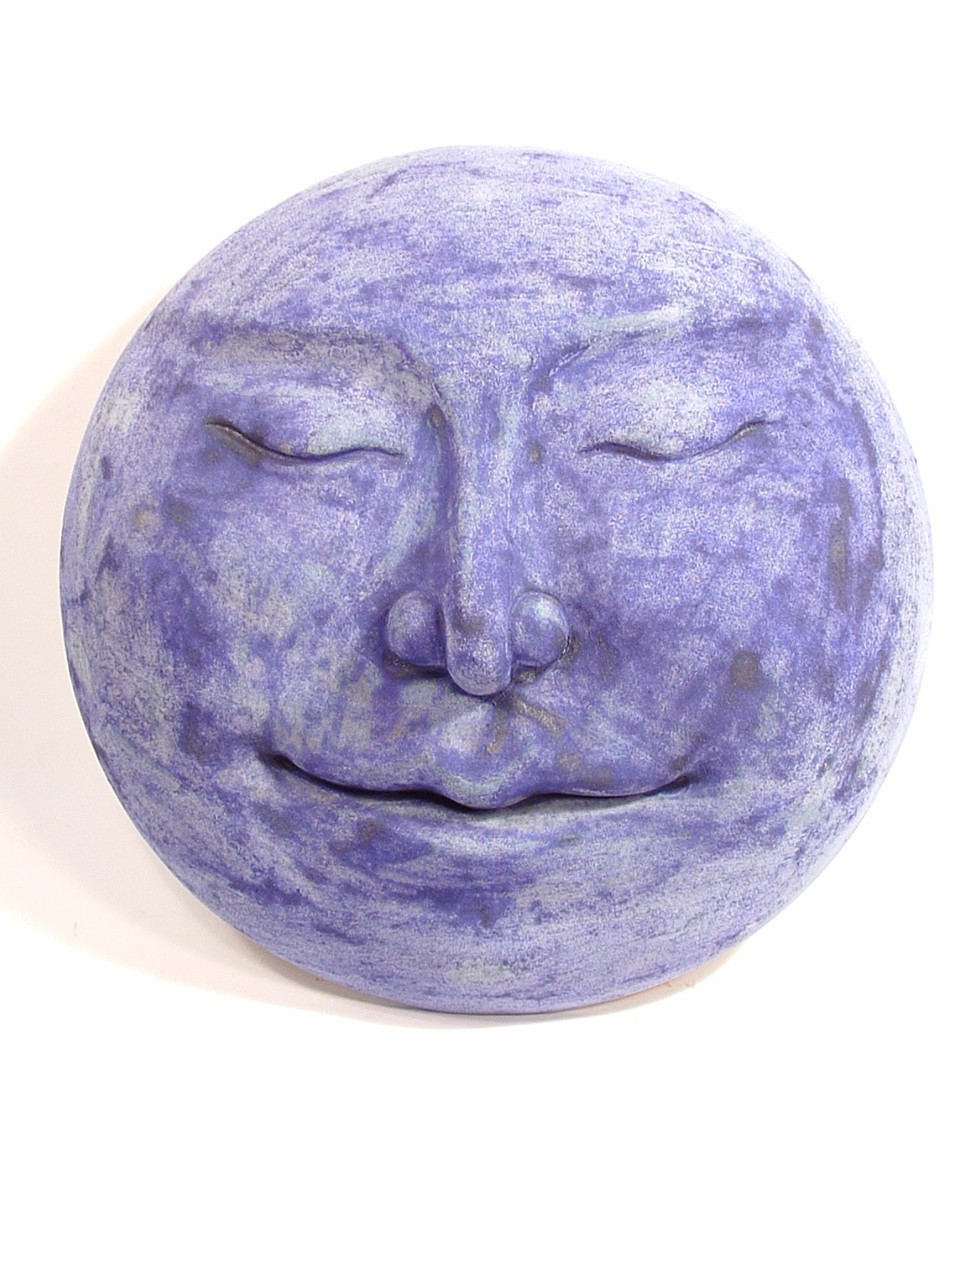 New moon sculpture, new moon art, moon sculpture, moon hanging, new moon bas relief, Ama Menec sculpture